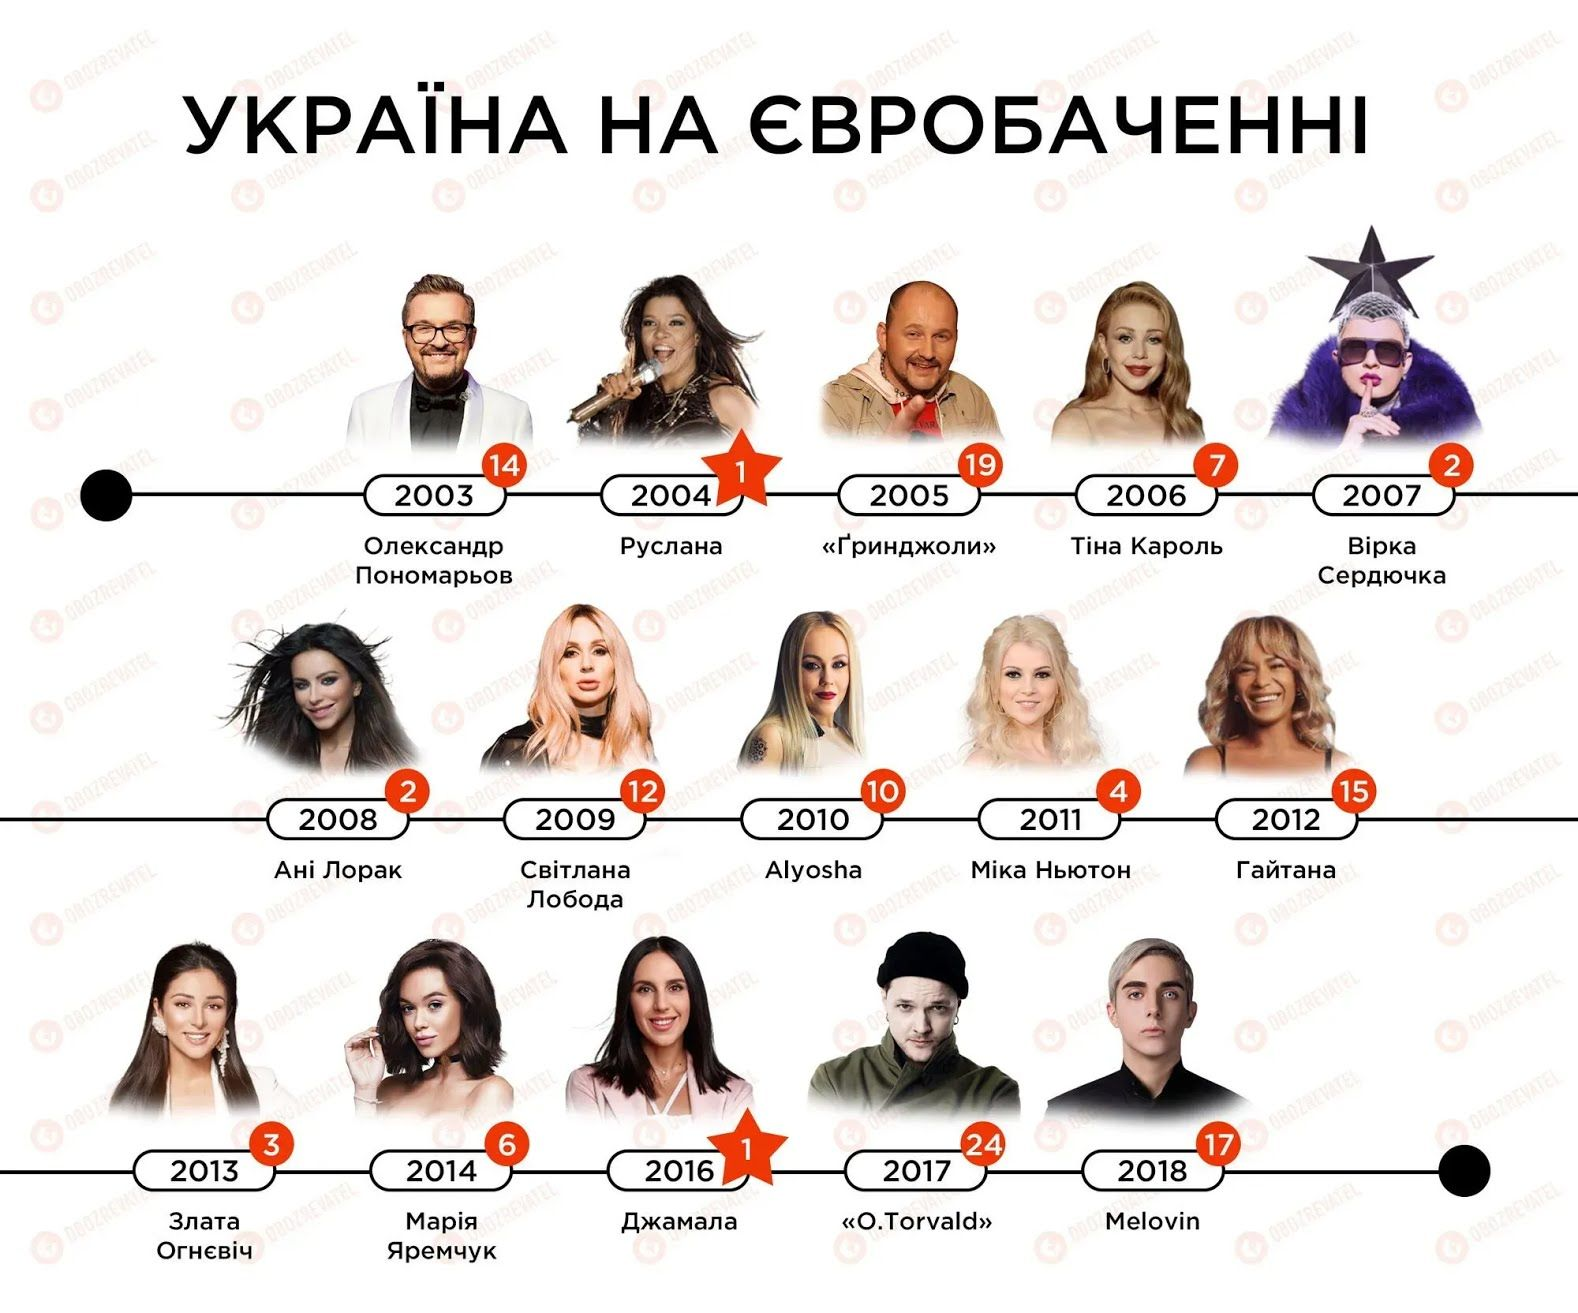 Украина дважды ставала победительницей